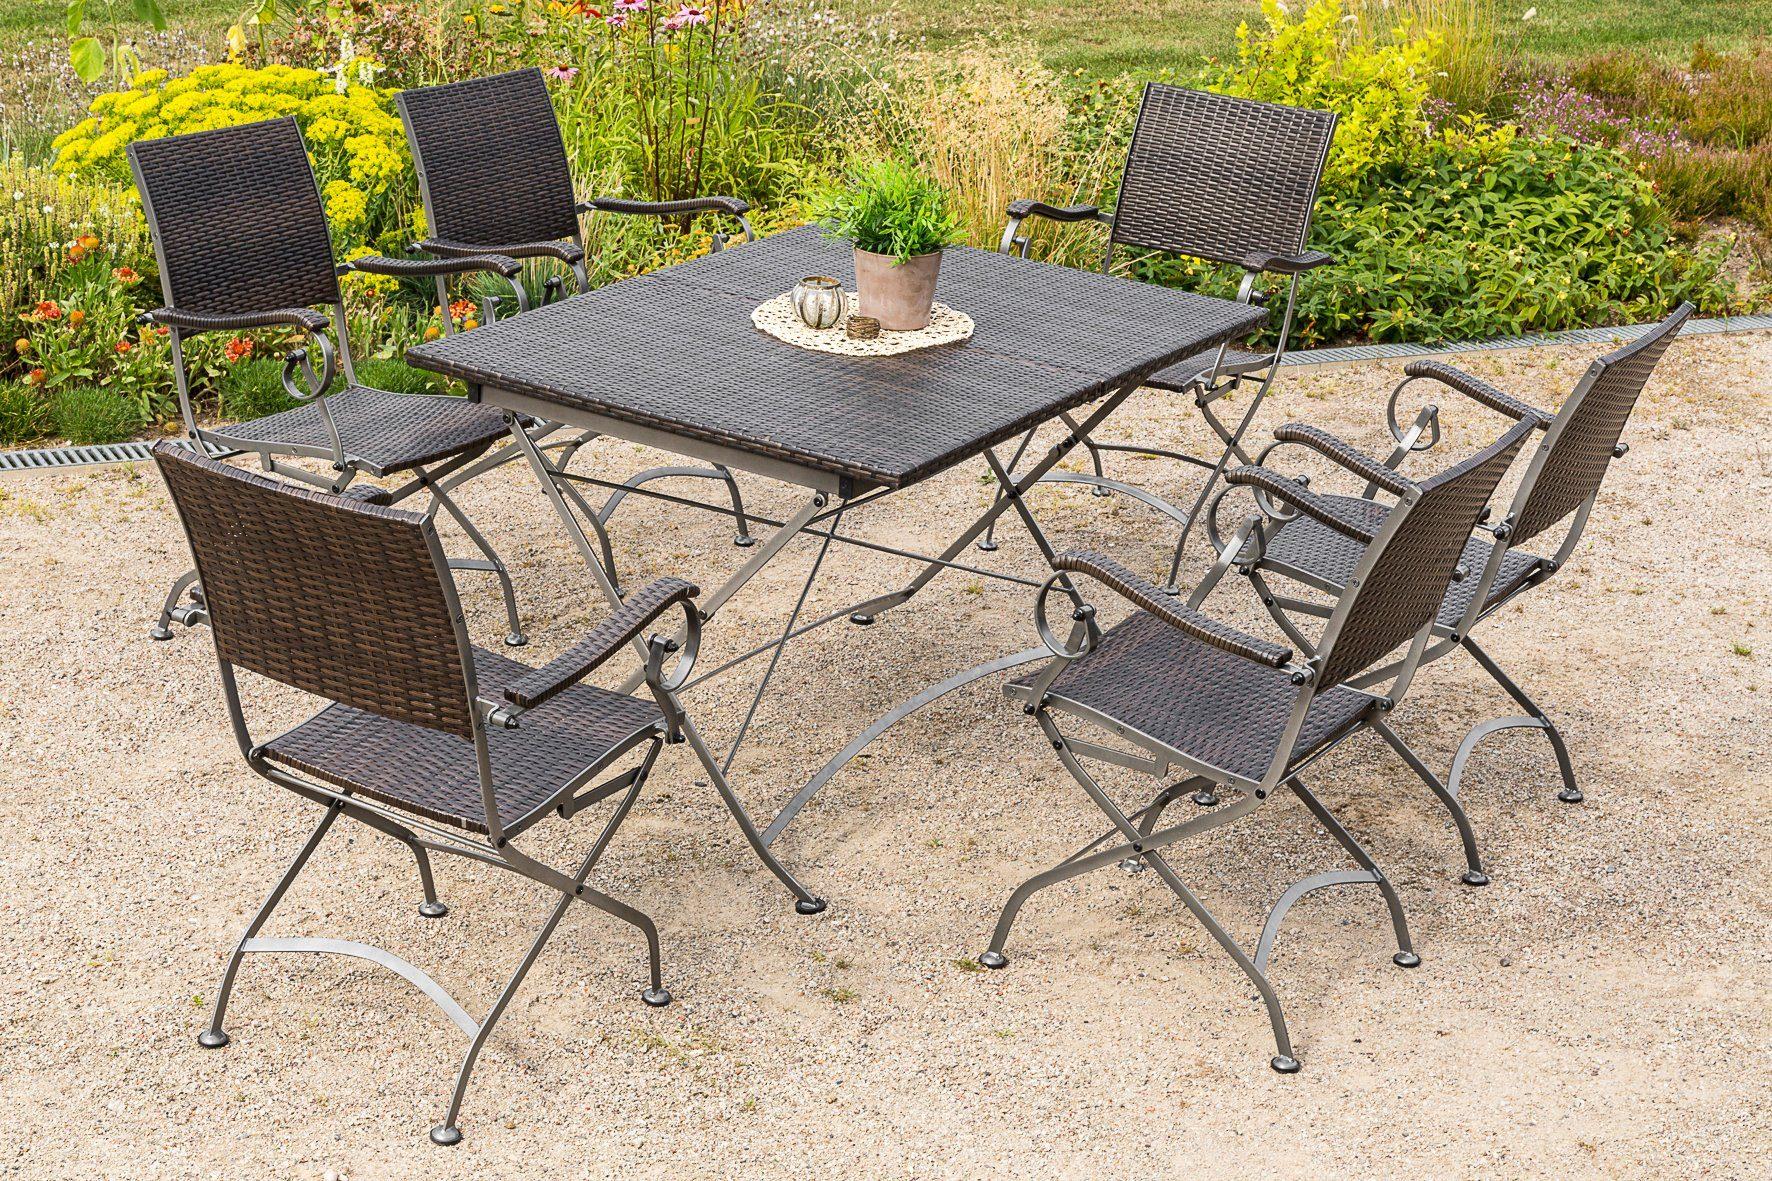 MERXX Gartenmöbelset »Sanssouci«, 7tlg., 6 Sessel, Tisch, klappbar, ausziehbar, Polyrattan